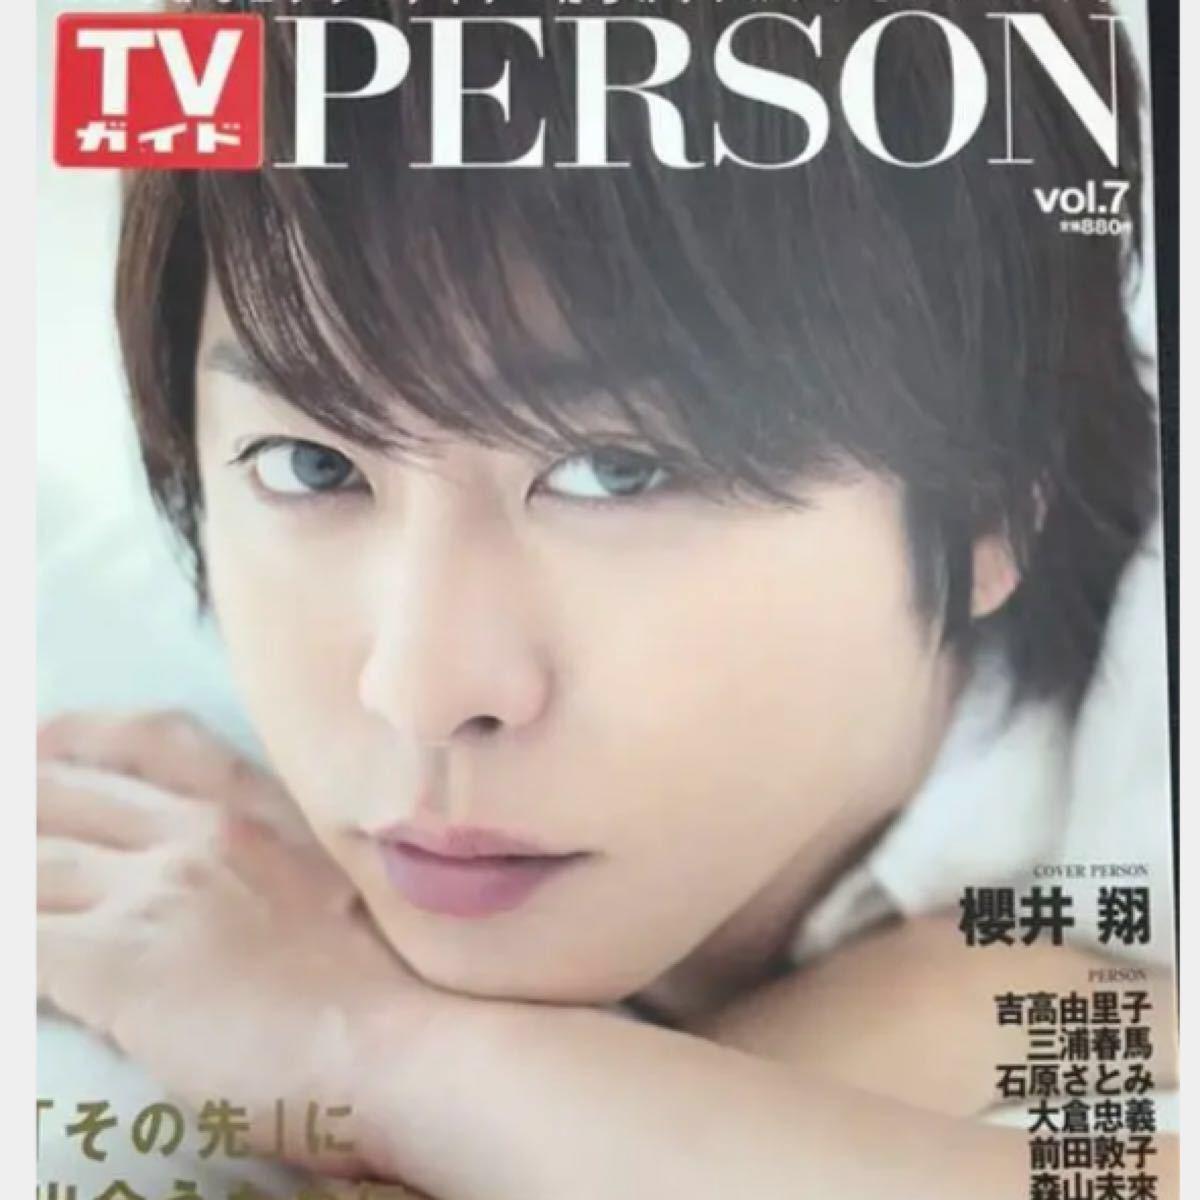 新品 TVガイド テレビガイド PERSON パーソン vol.7 三浦春馬